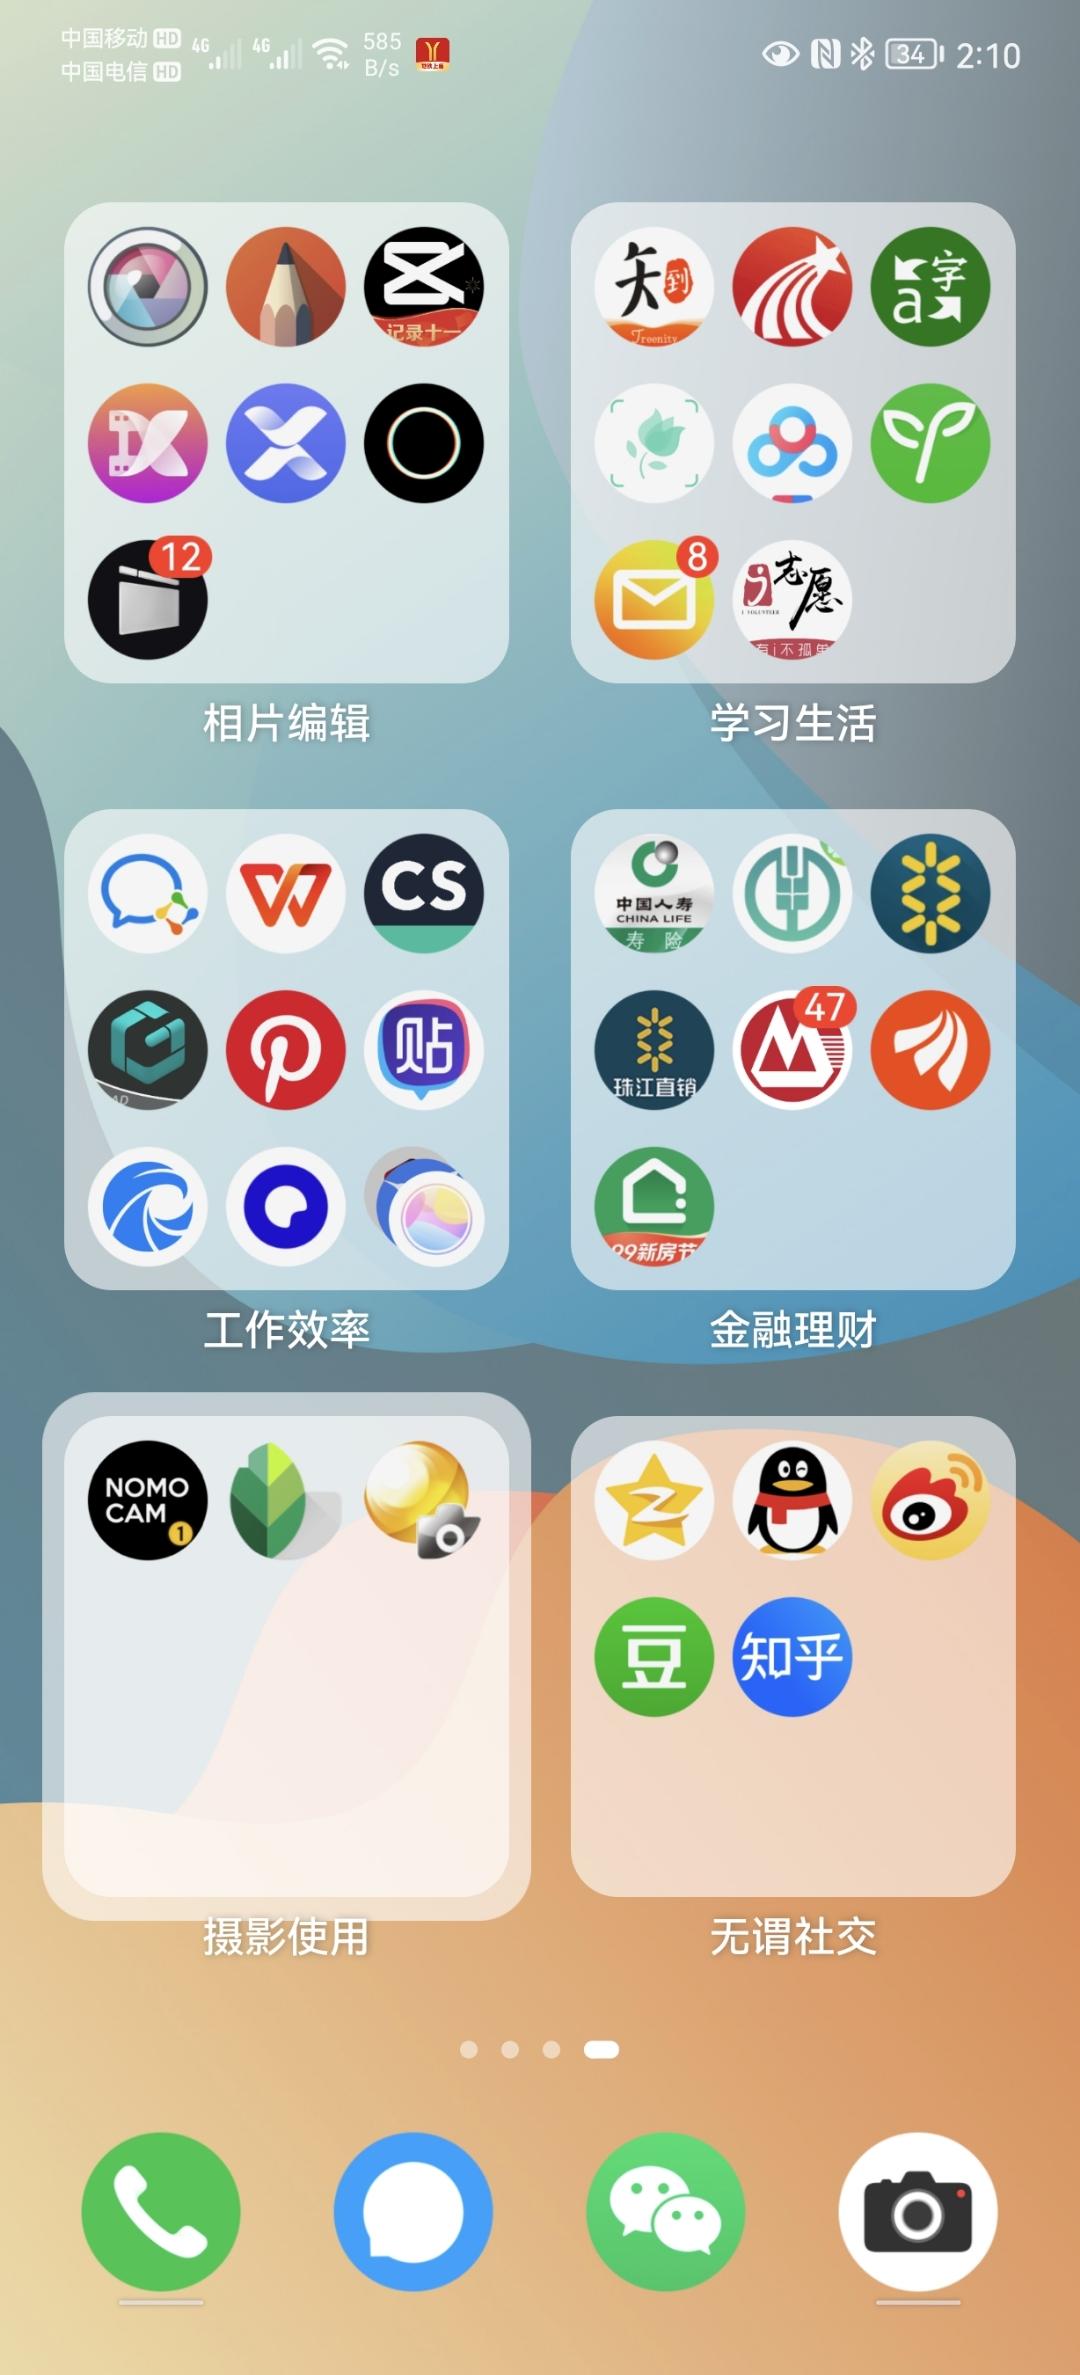 Screenshot_20211015_021003_com.huawei.android.launcher.jpg